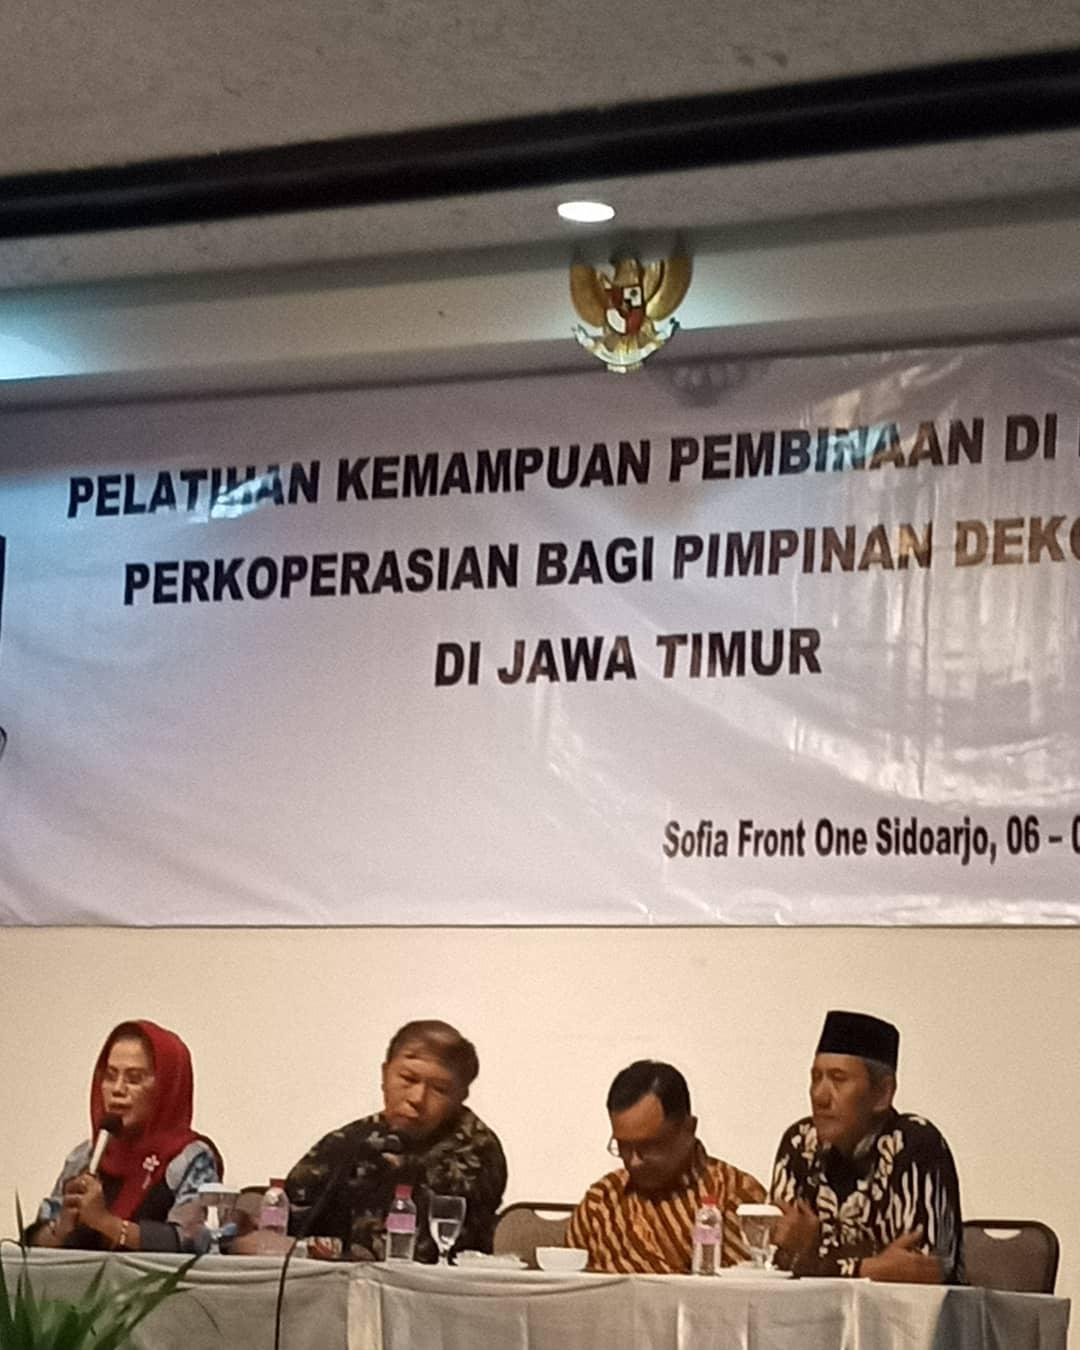 Dekopinwil Jatim dan Dekopinda di Jawa Timur Ambil Sikap Terkait Munas 2019 di Makasar